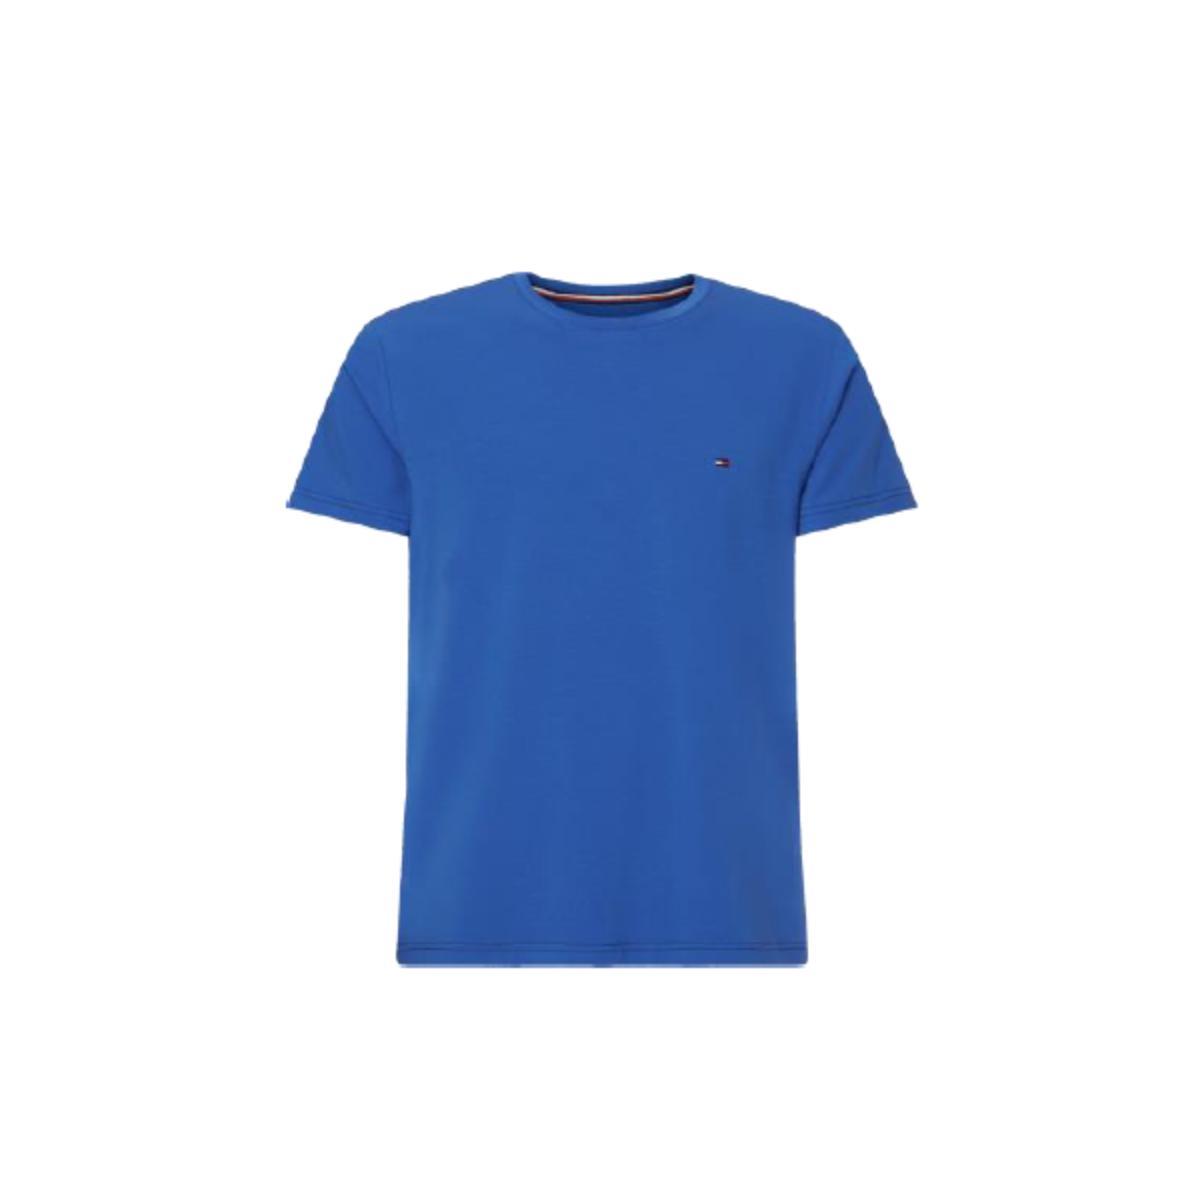 Camiseta Masculina Tommy Thmw0mw17002 Thc46 Azul